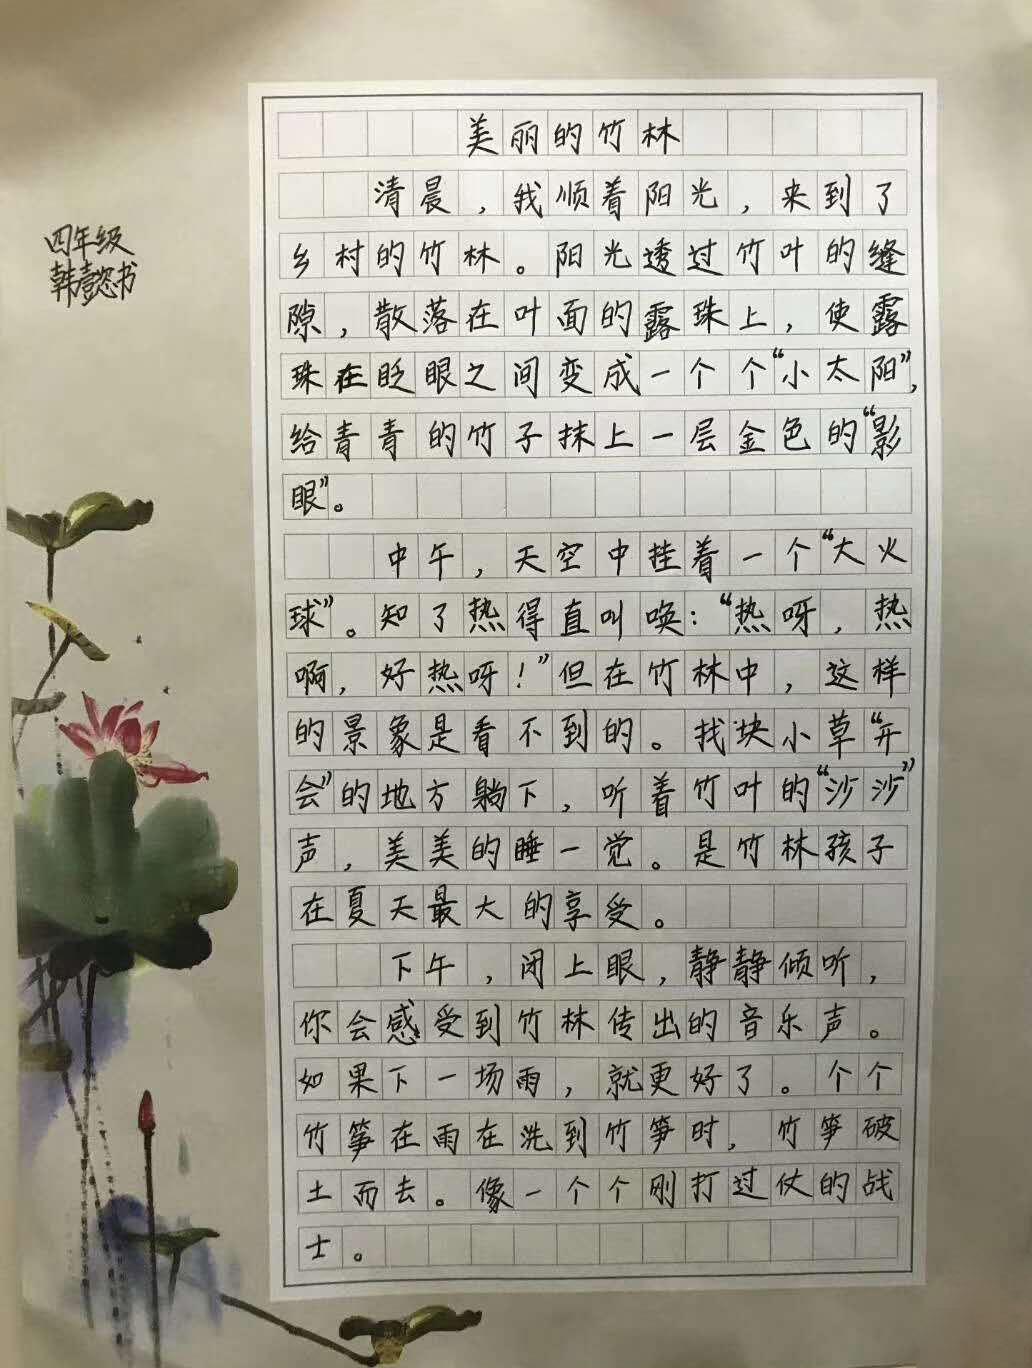 锋格练字韩懿书书法作品展